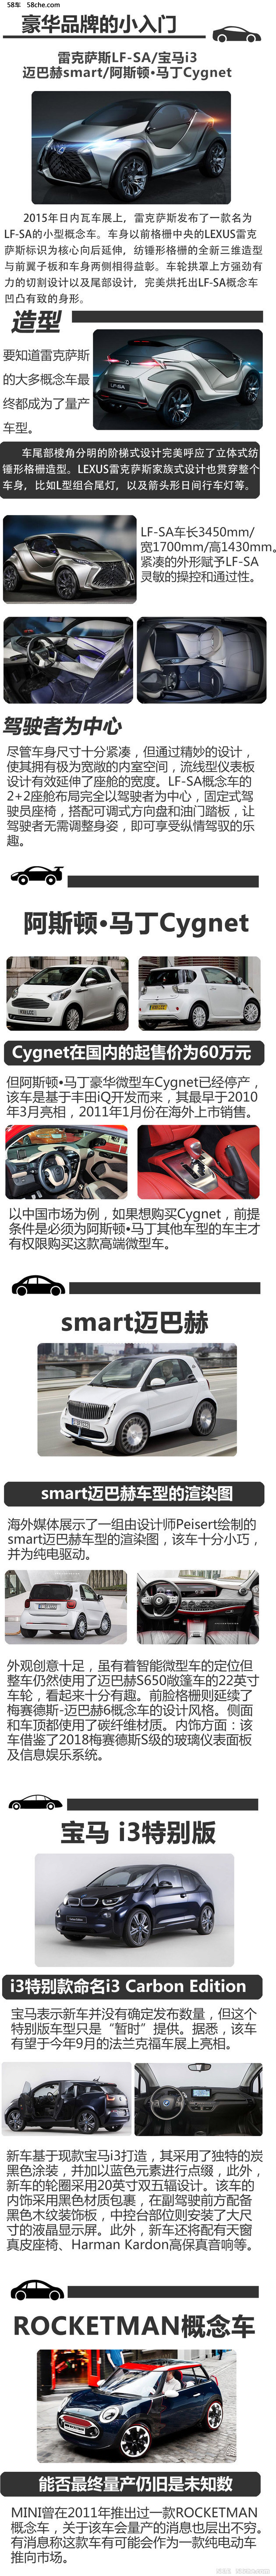 雷克萨斯LF-SA/Cygnet相当 豪华品牌小入门